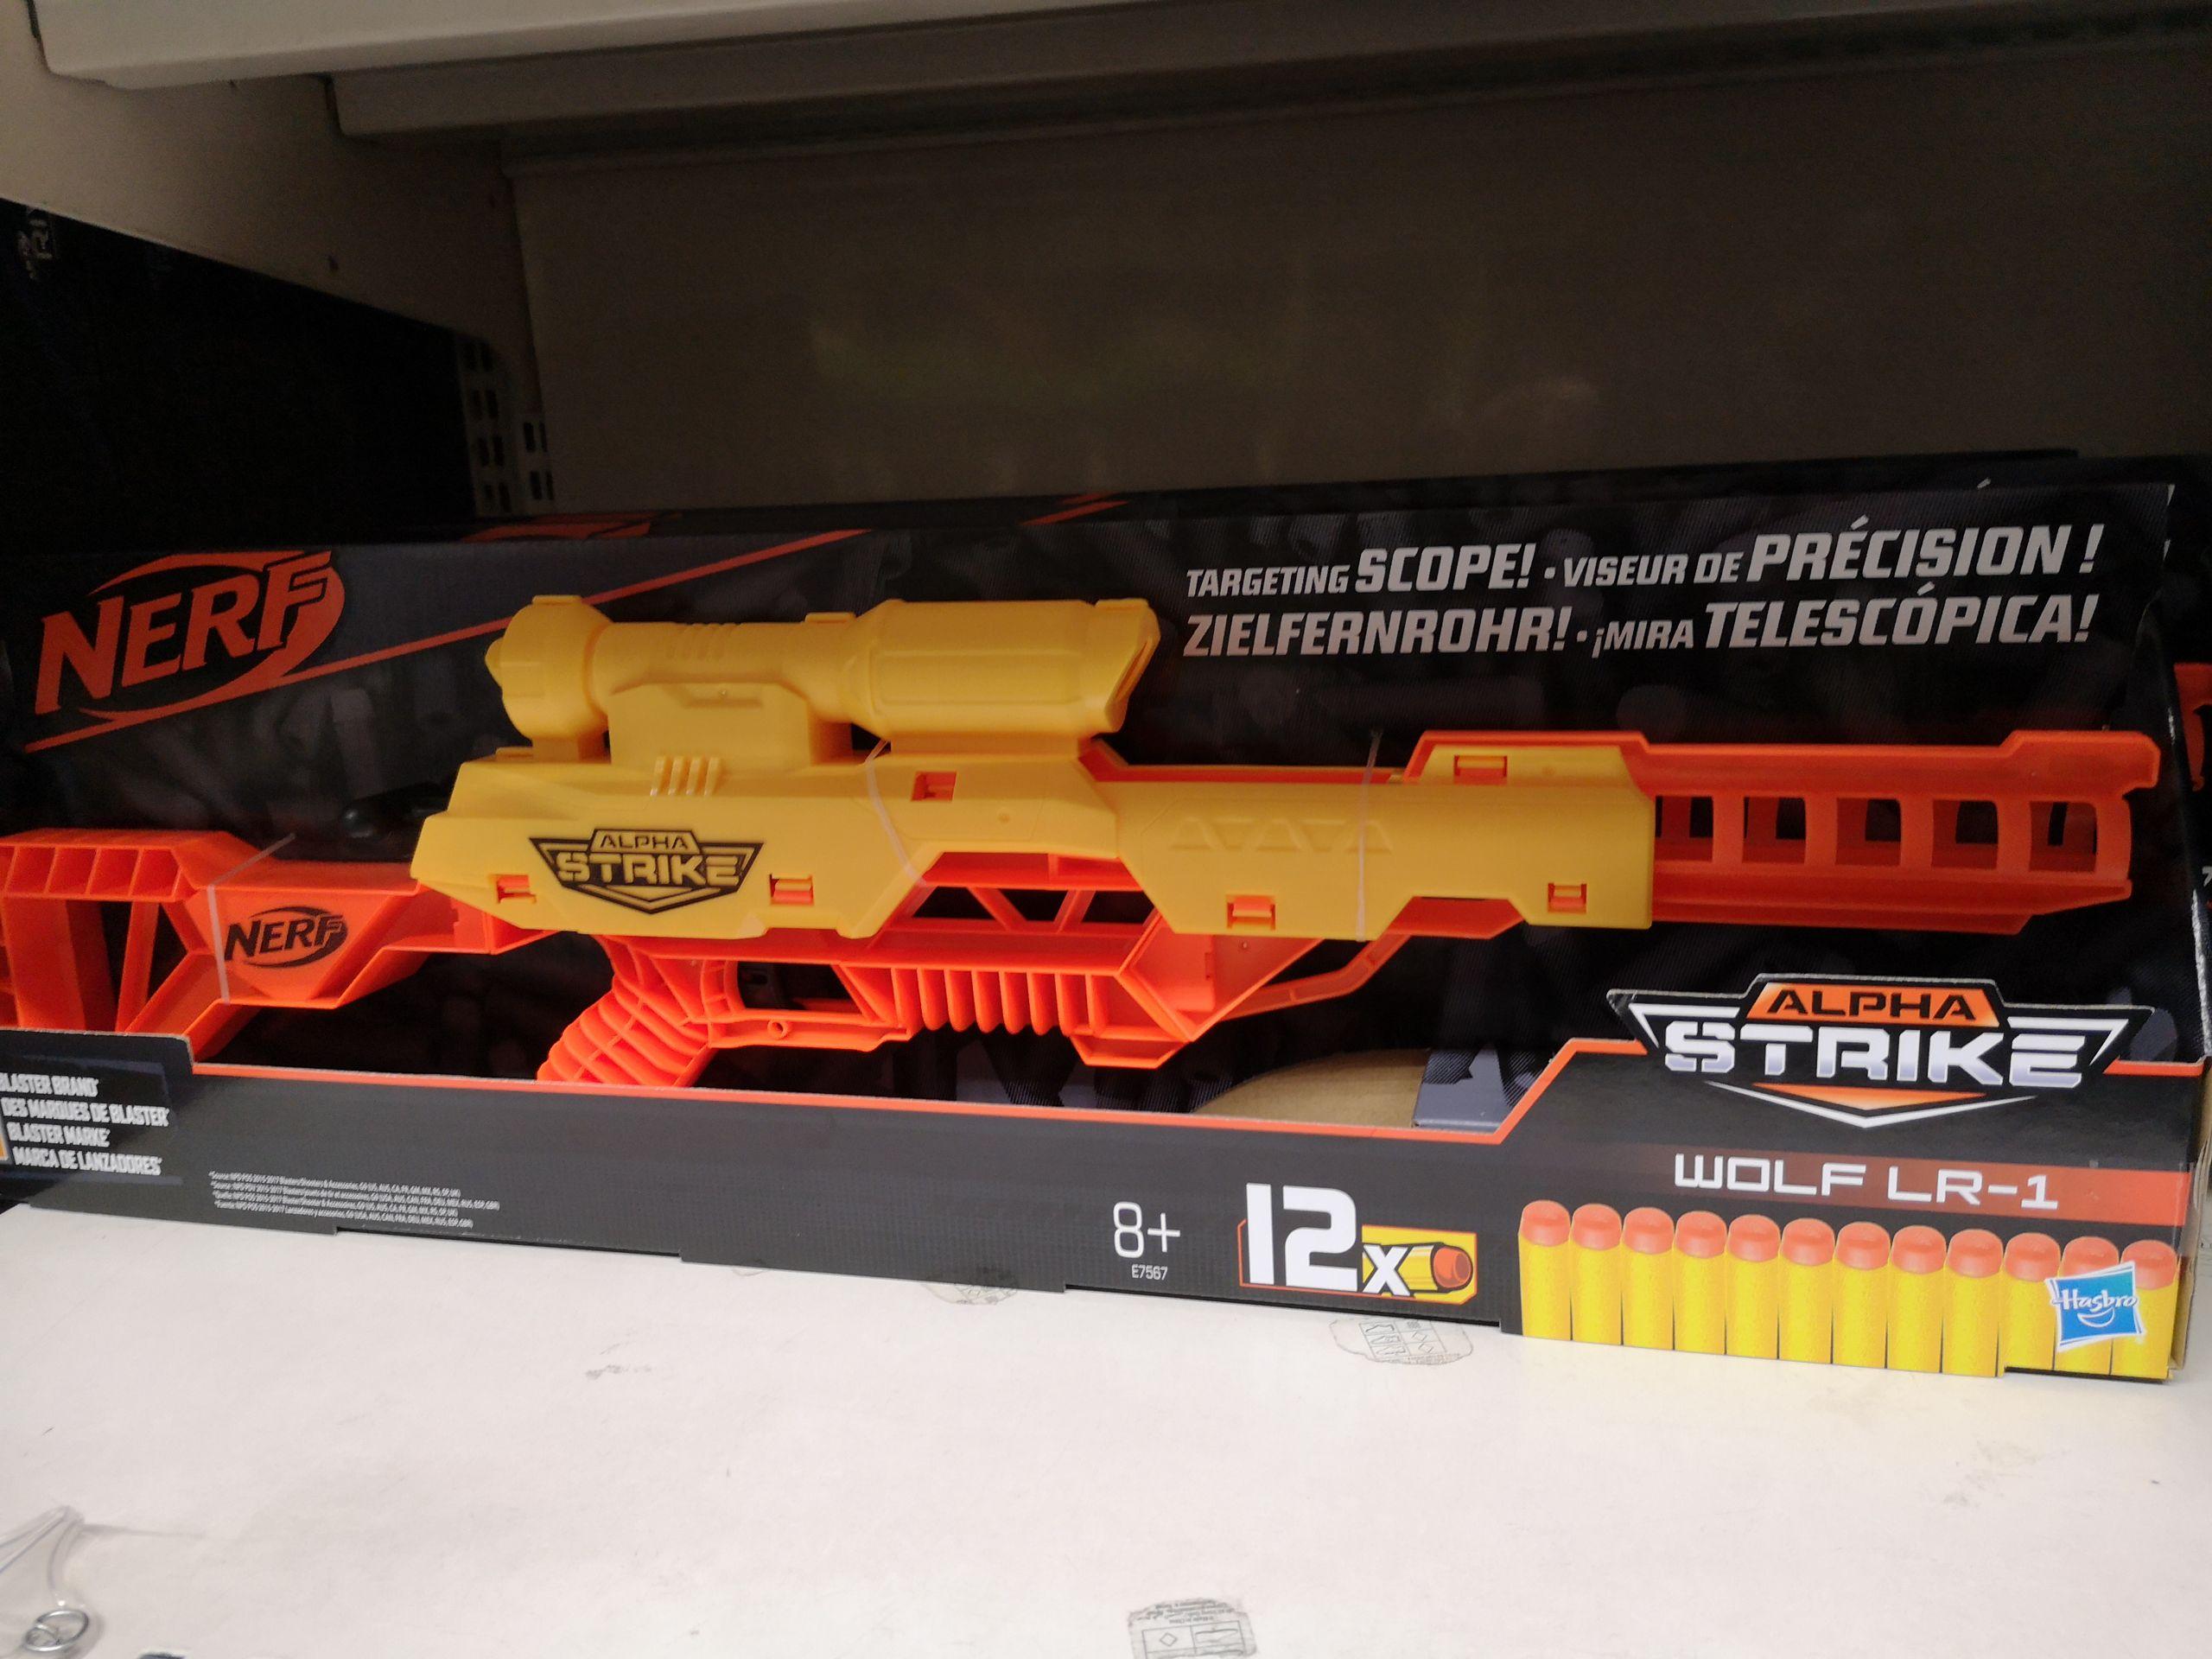 Pistolet Nerf alpha strike Wolf r1 (Via 2,50€ sur la carte Auchan) - La Défense (92)